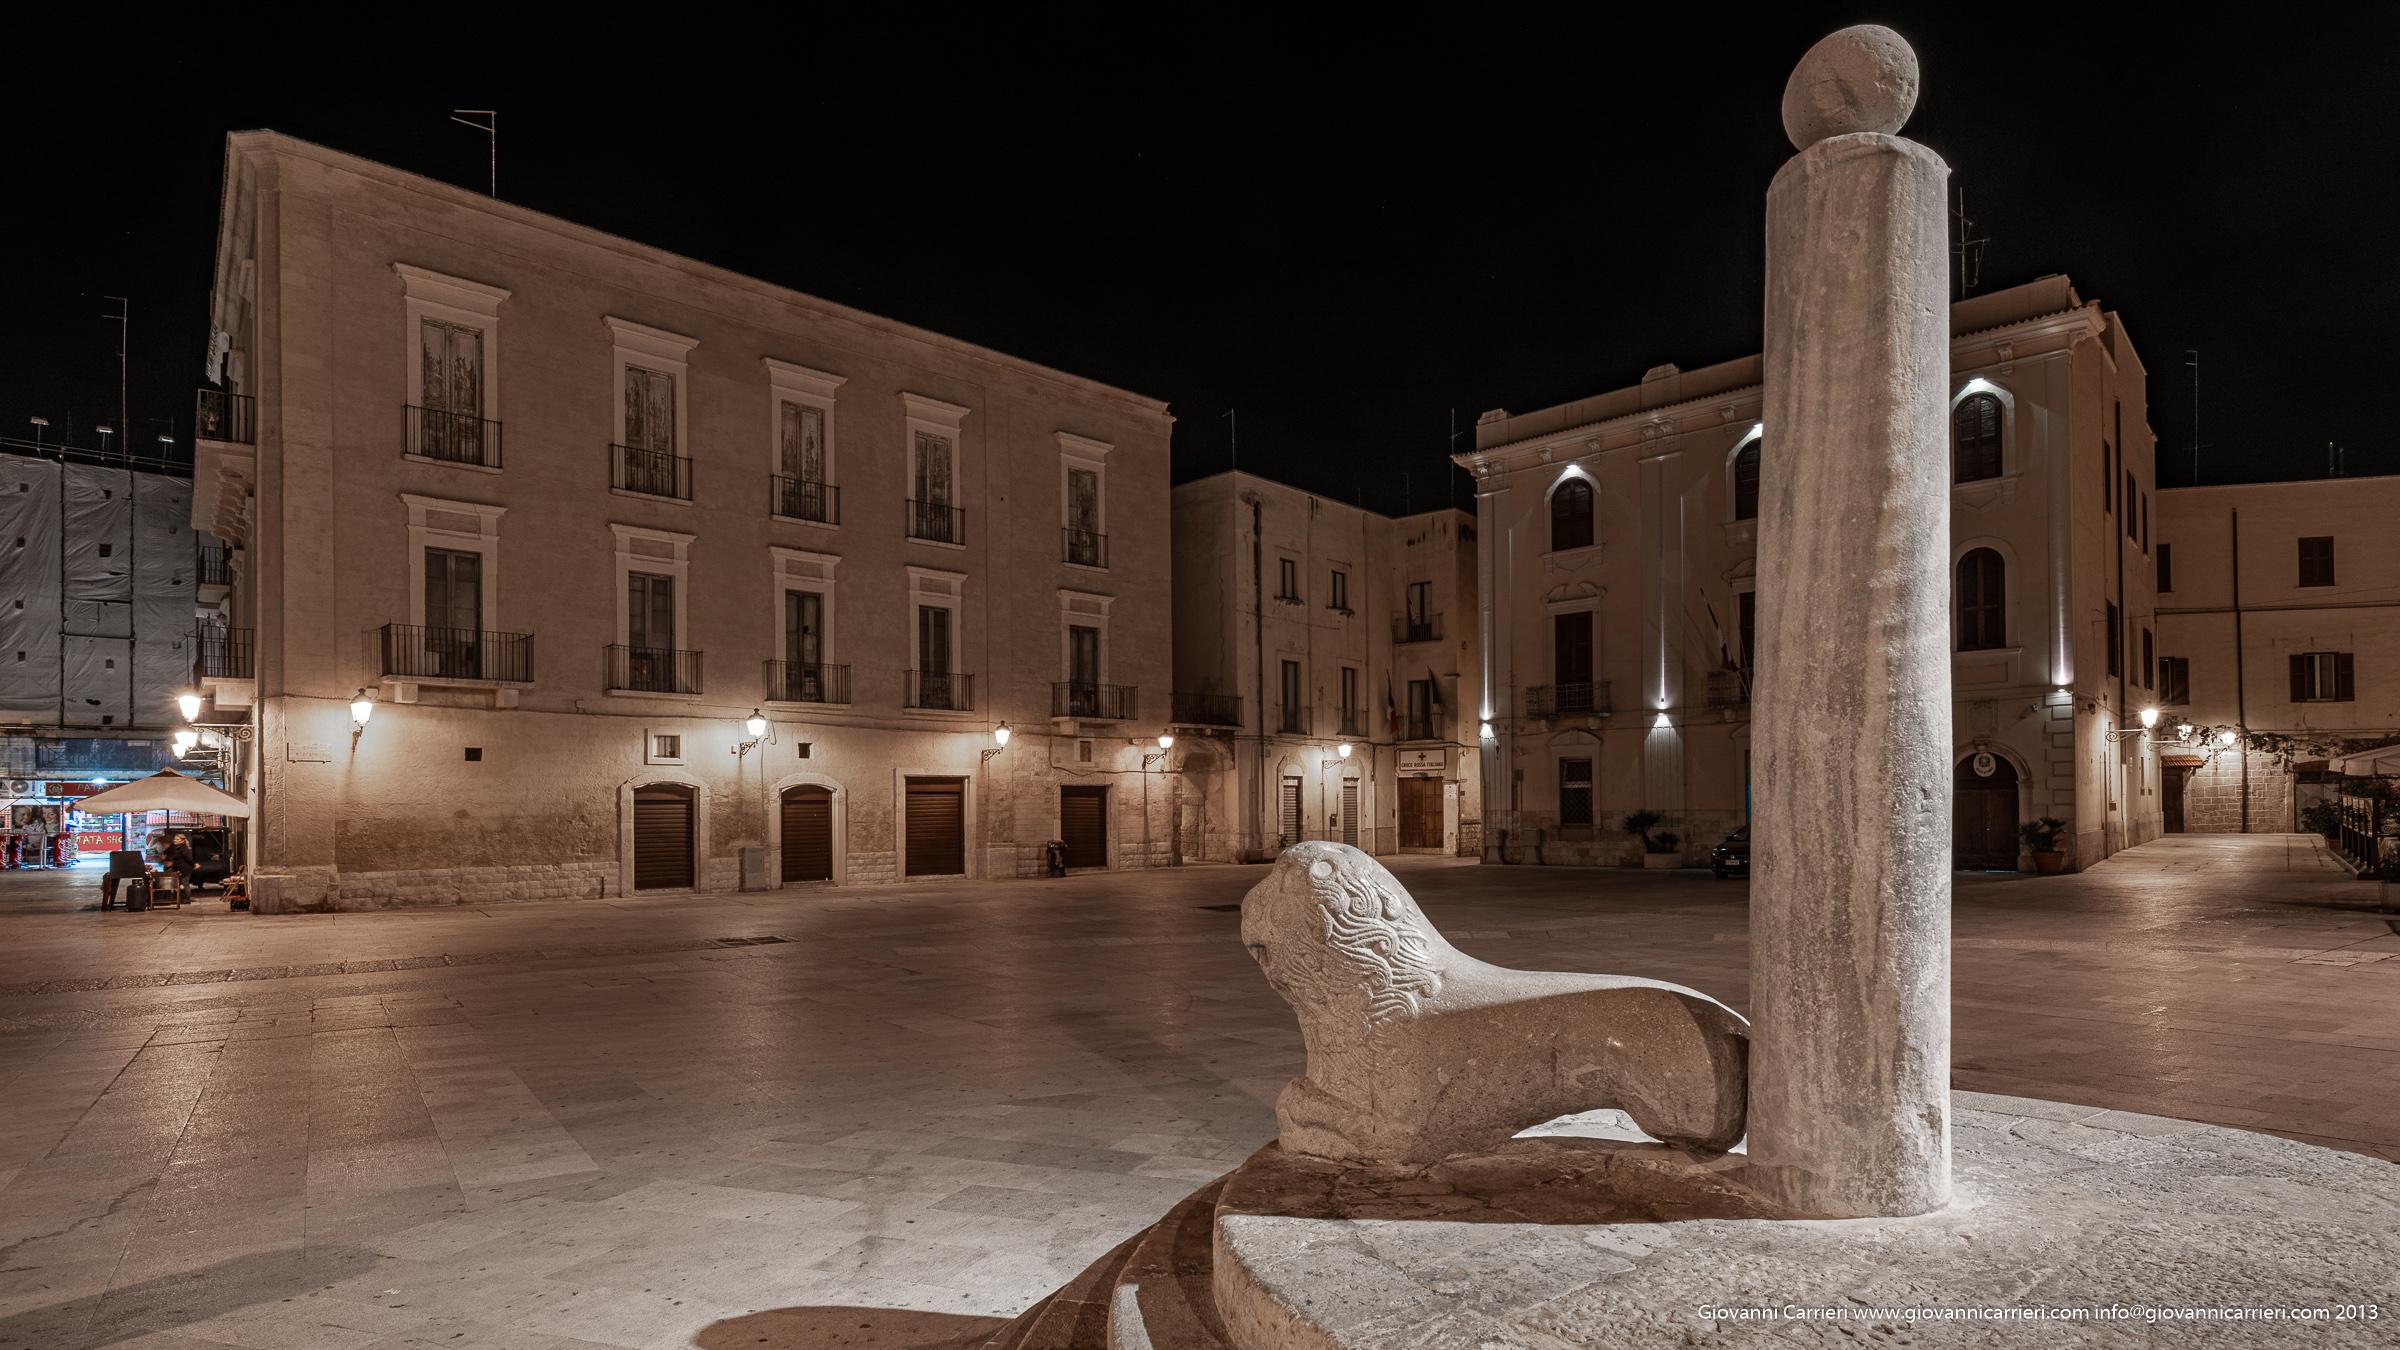 La colonna degli infami a Bari vecchia